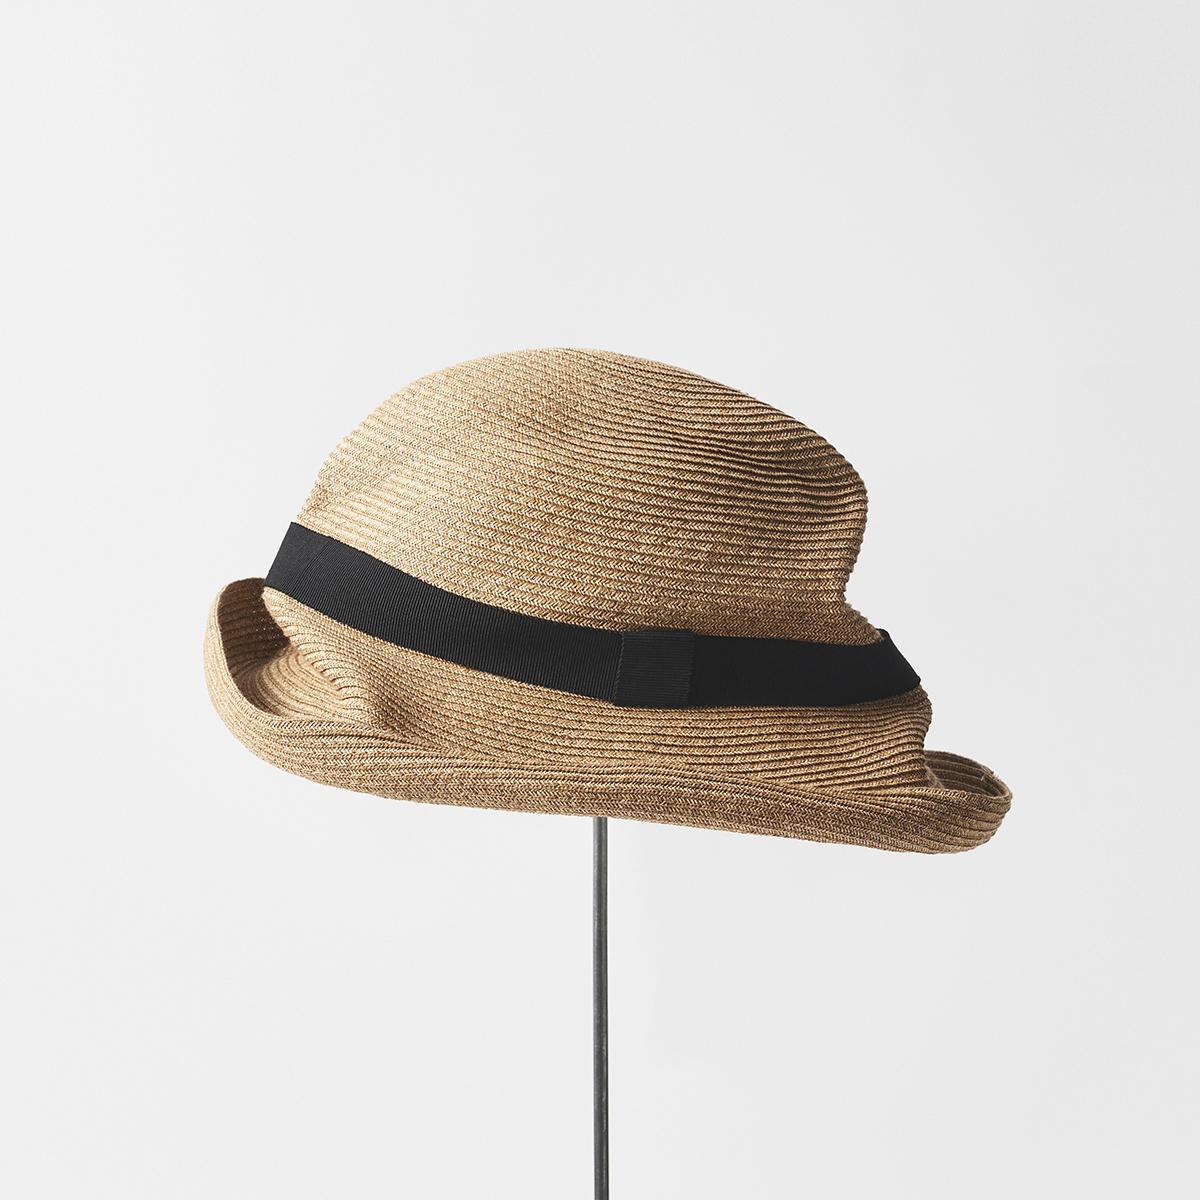 BOXED HAT 10cm brim grosgrain ribbon